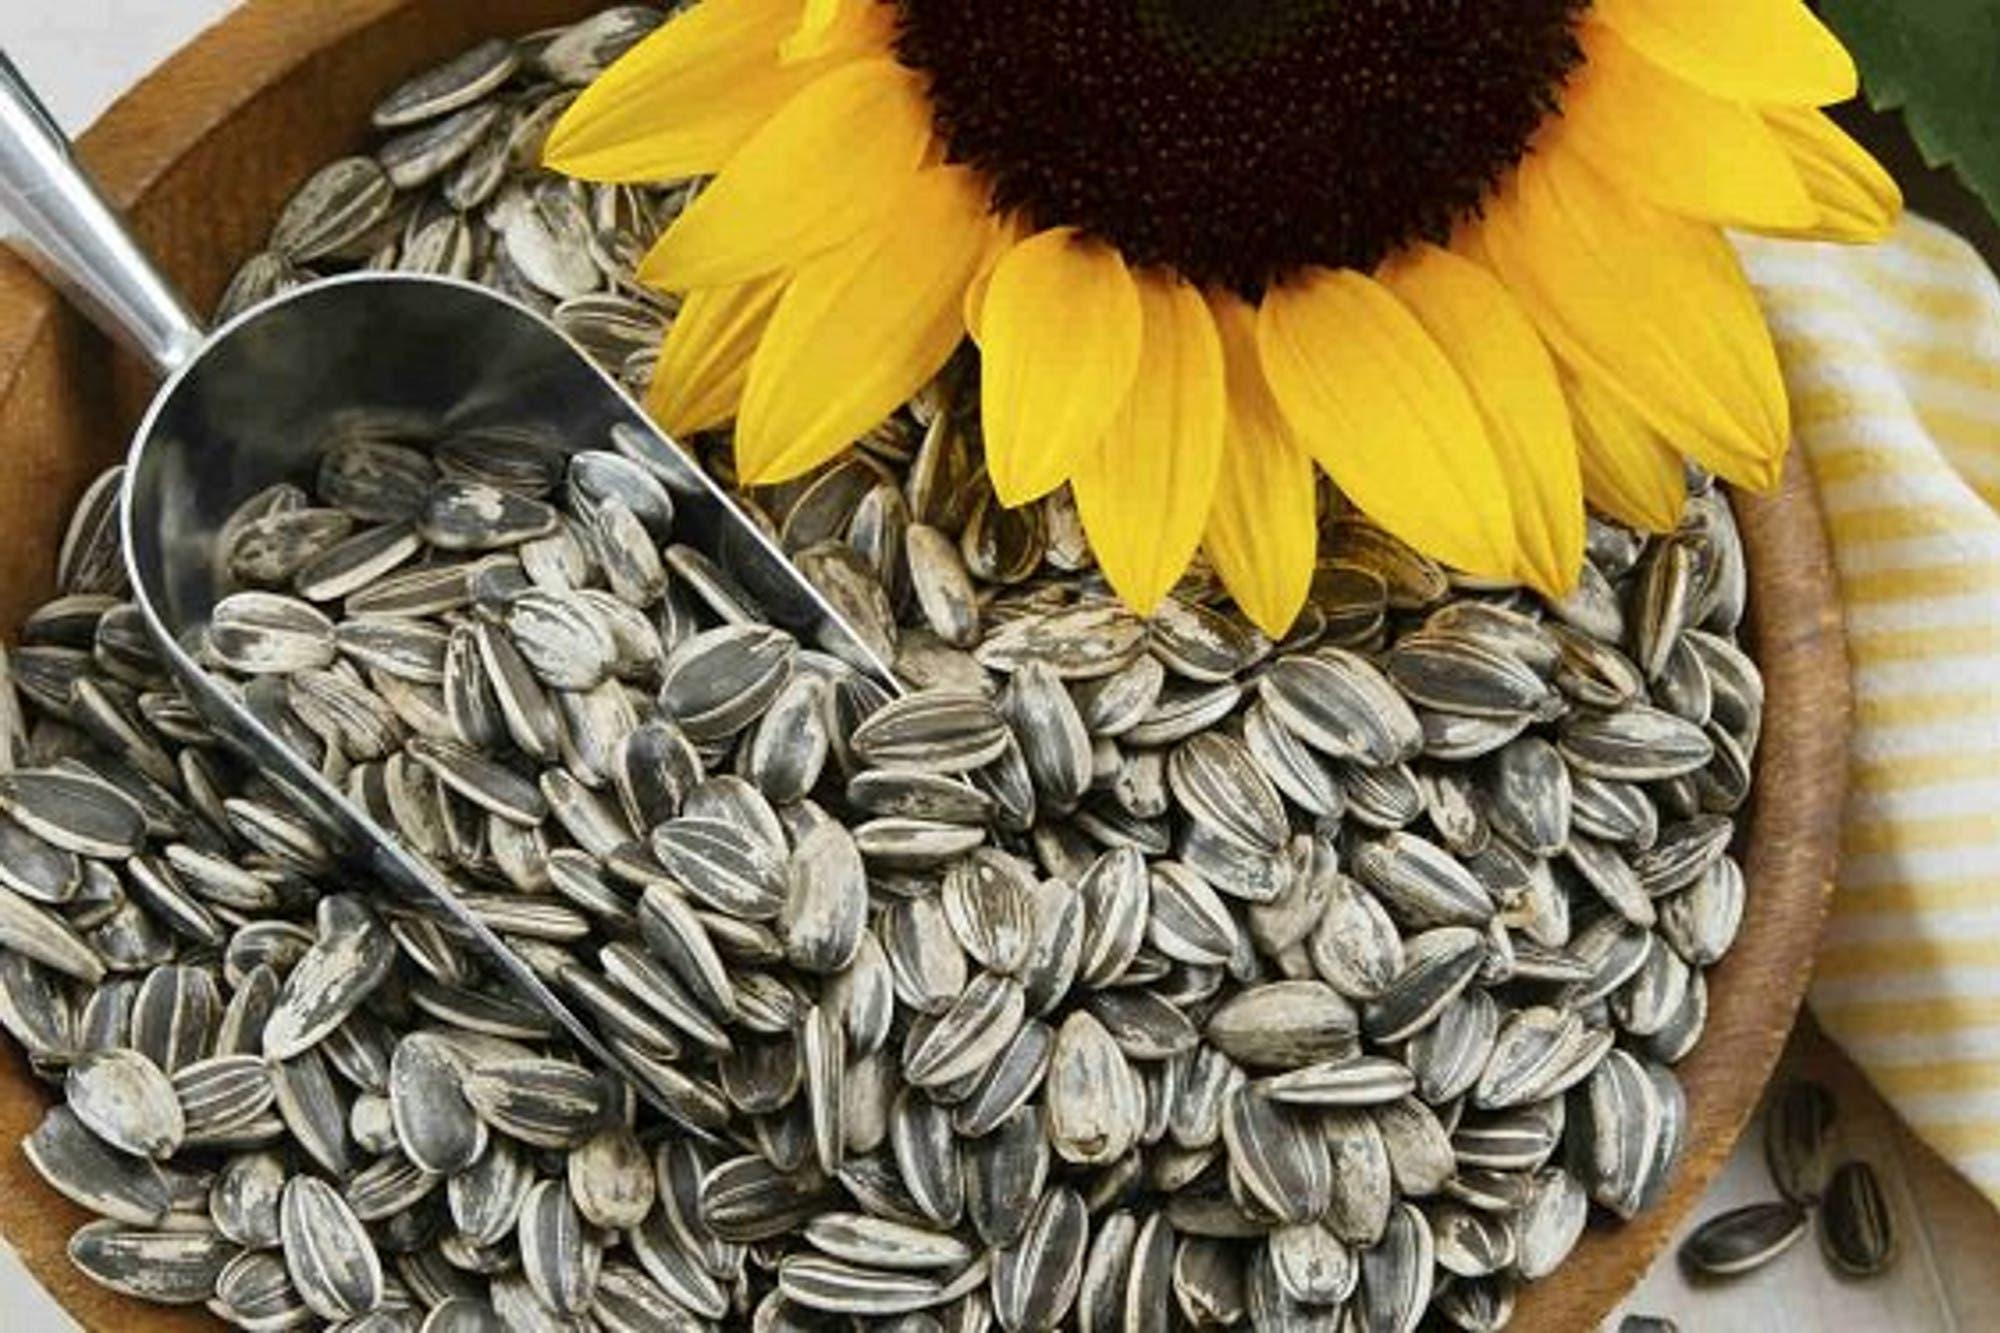 La Anmat prohibió unas semillas de girasol y varios snacks